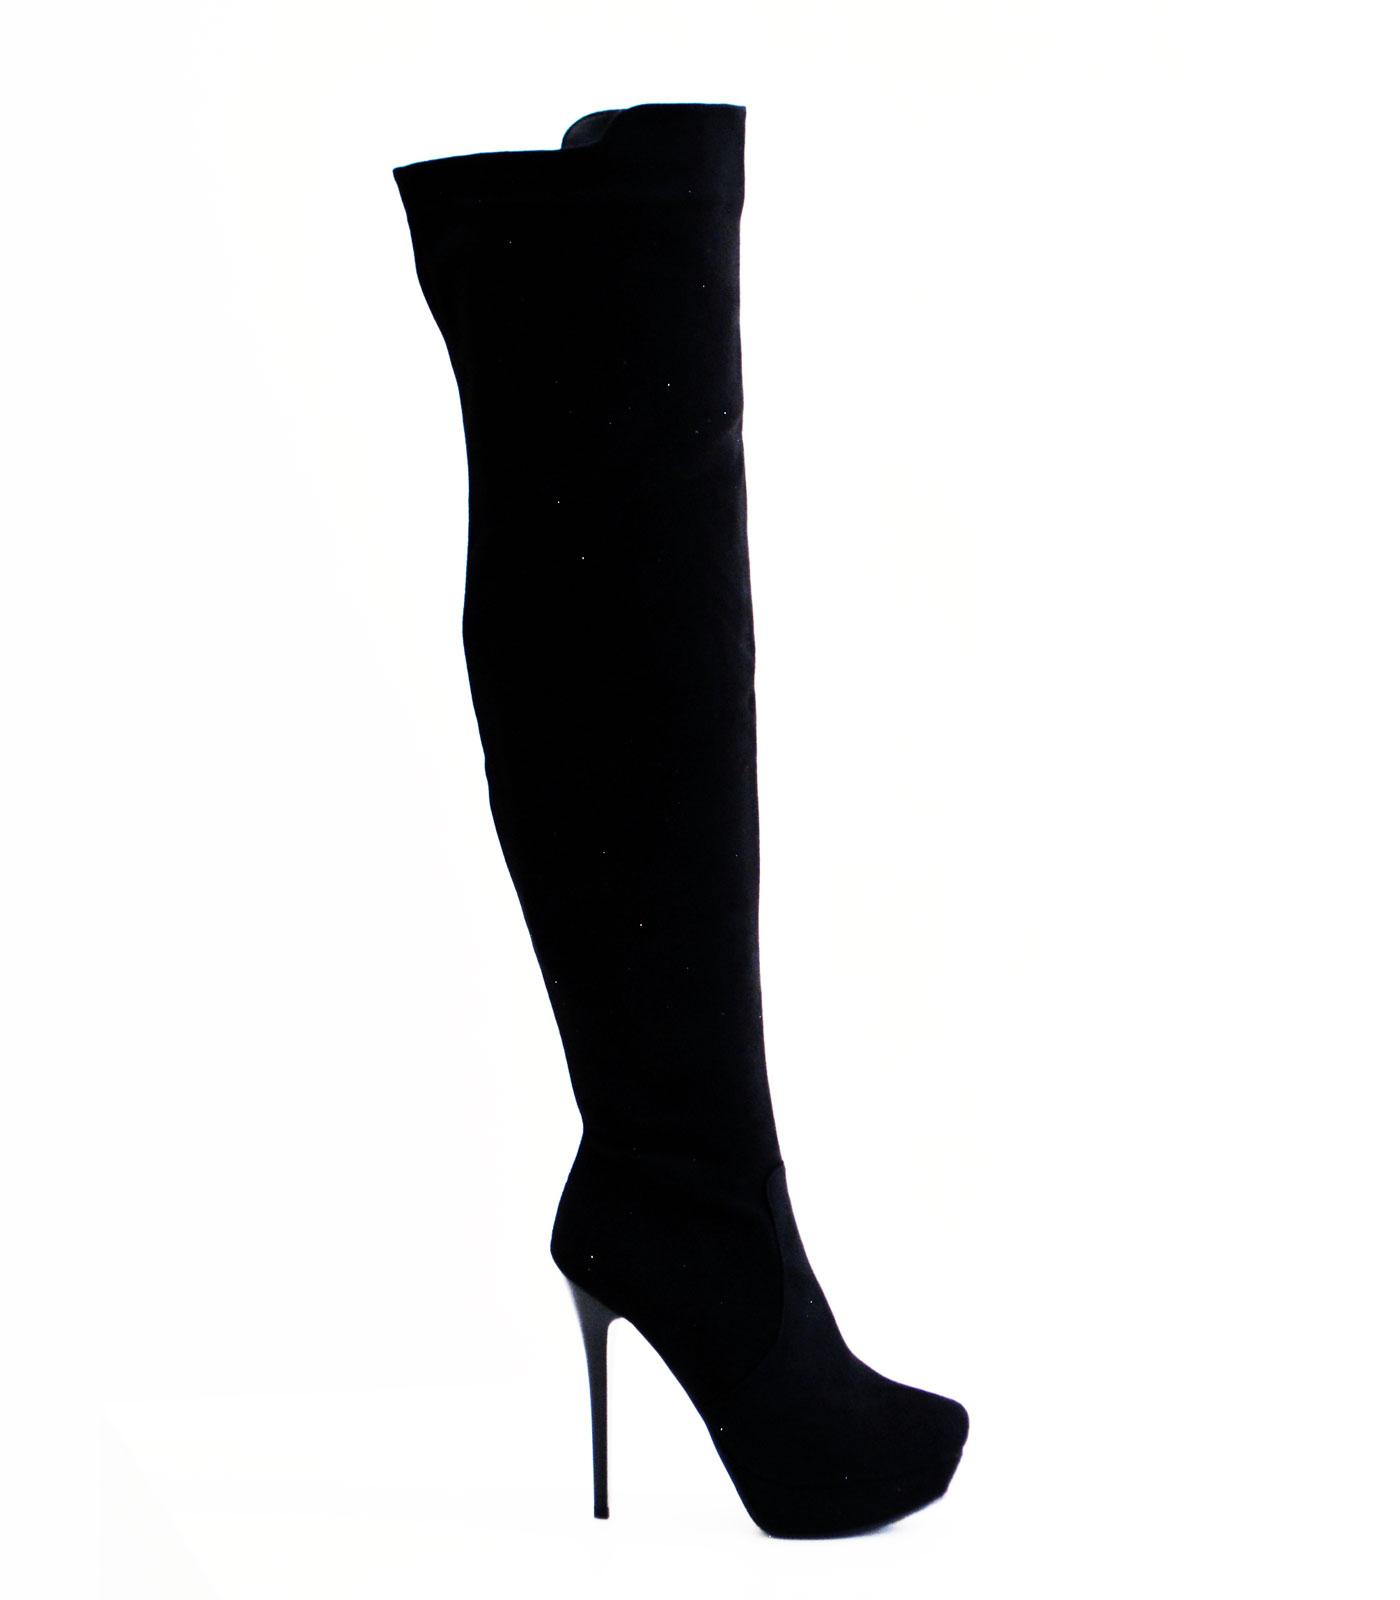 Μαύρη μπότα σουέτ over the knee με φερμουάρ